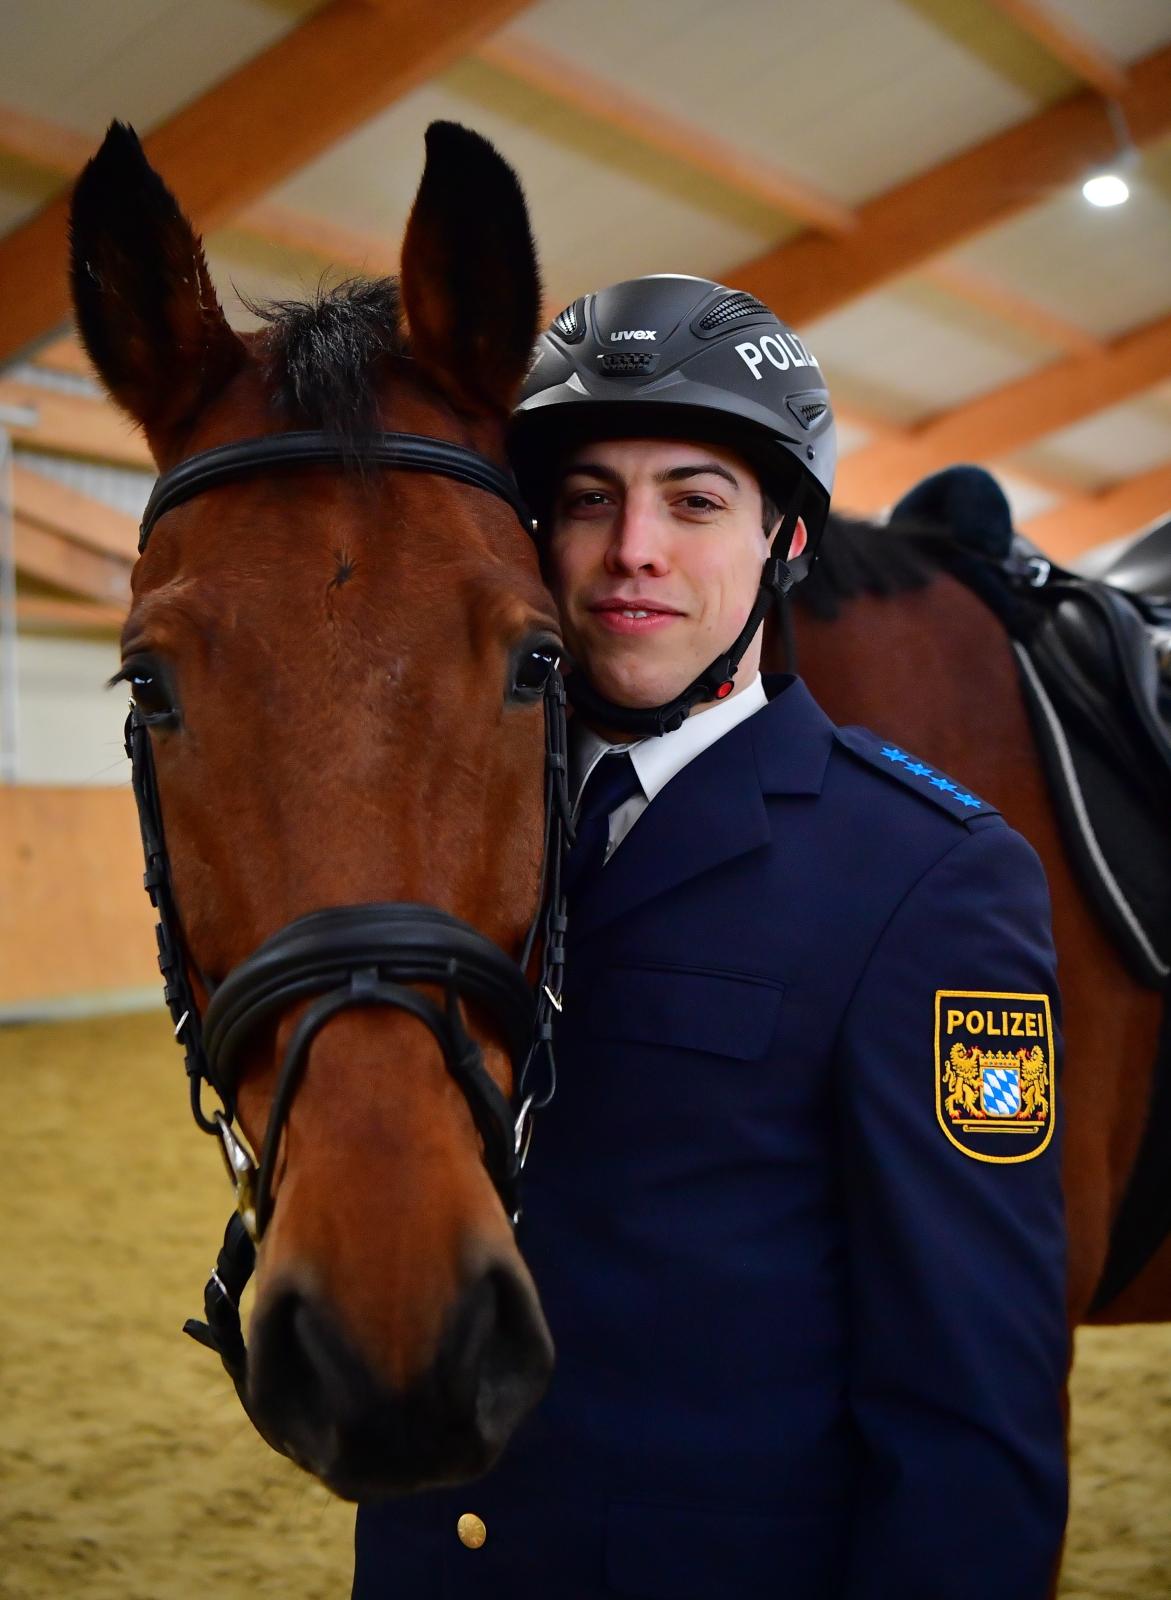 Nowy konwój policji w Norymberdze, Niemcy.  Fot. PAP/EPA/MATTHIAS MERZ